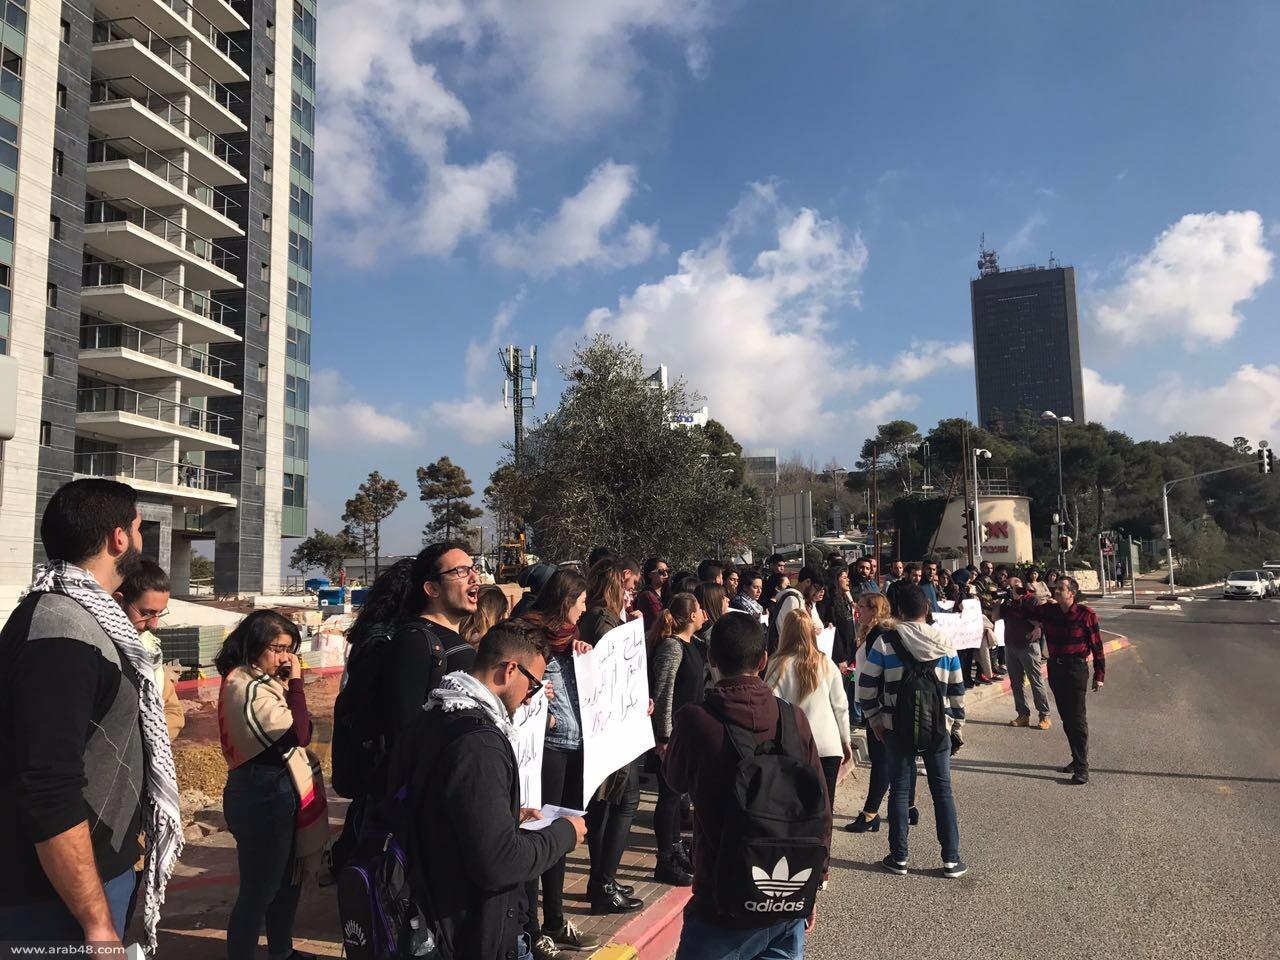 مظاهرات كبيرة في أربع جامعات ردا على تهجير أم الحيران